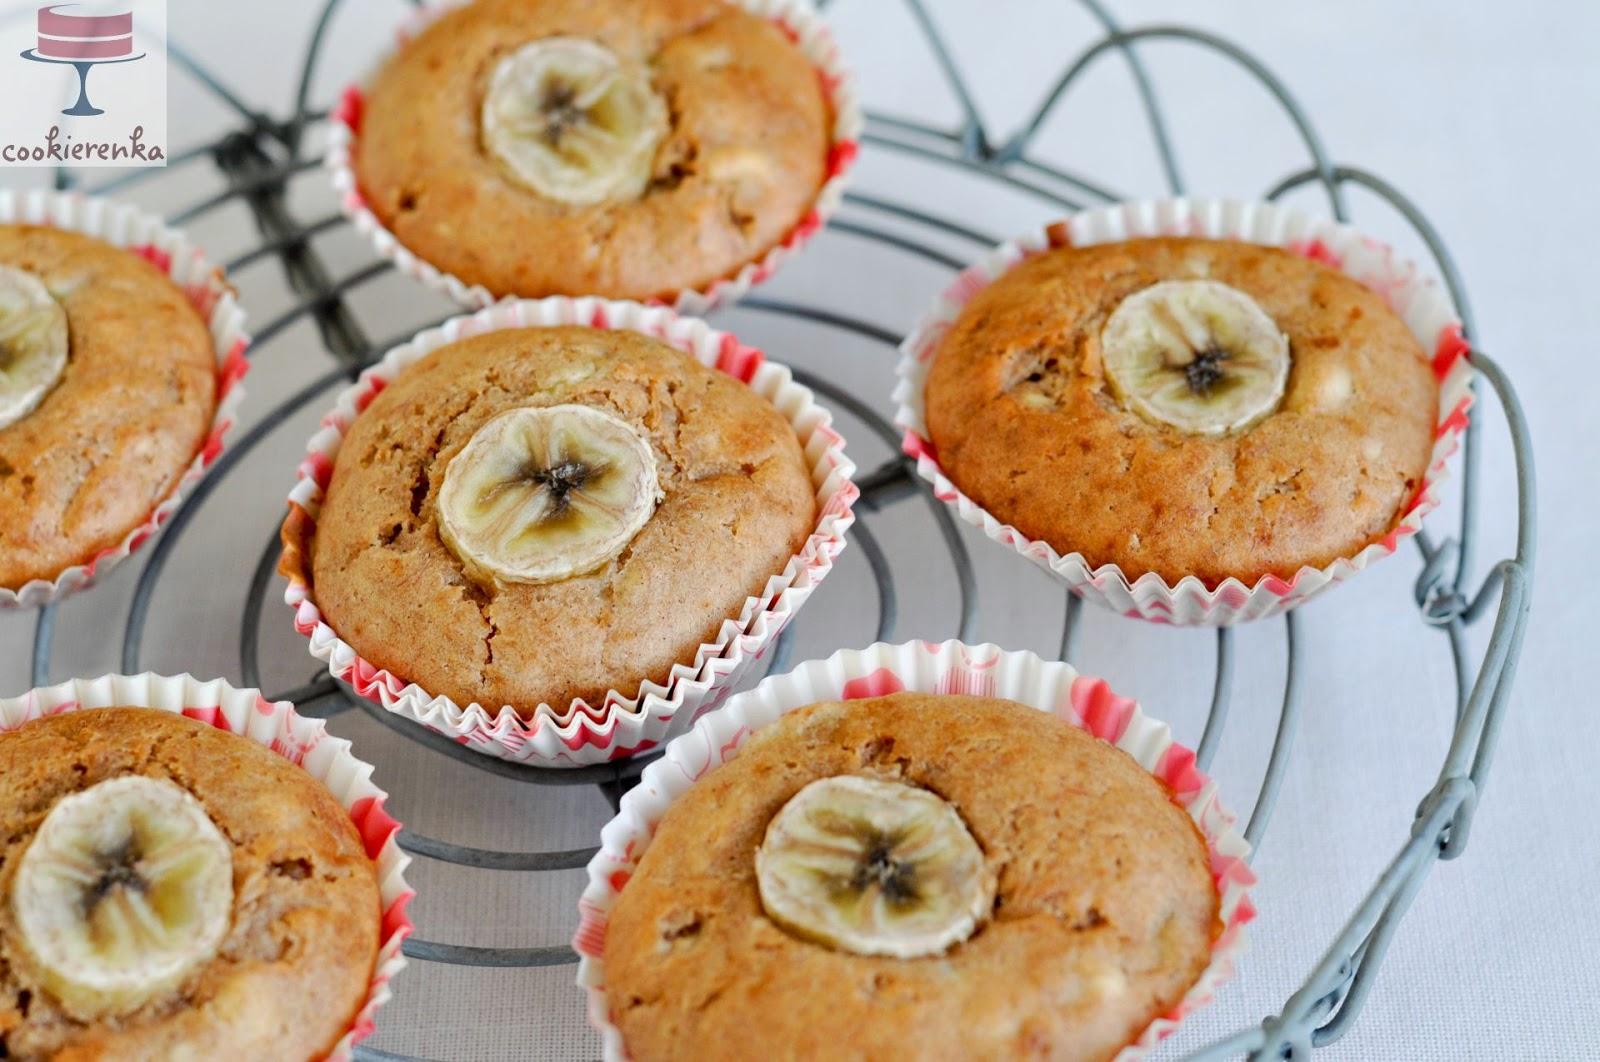 http://www.cookierenka.com/2014/05/muffinki-bananowe.html